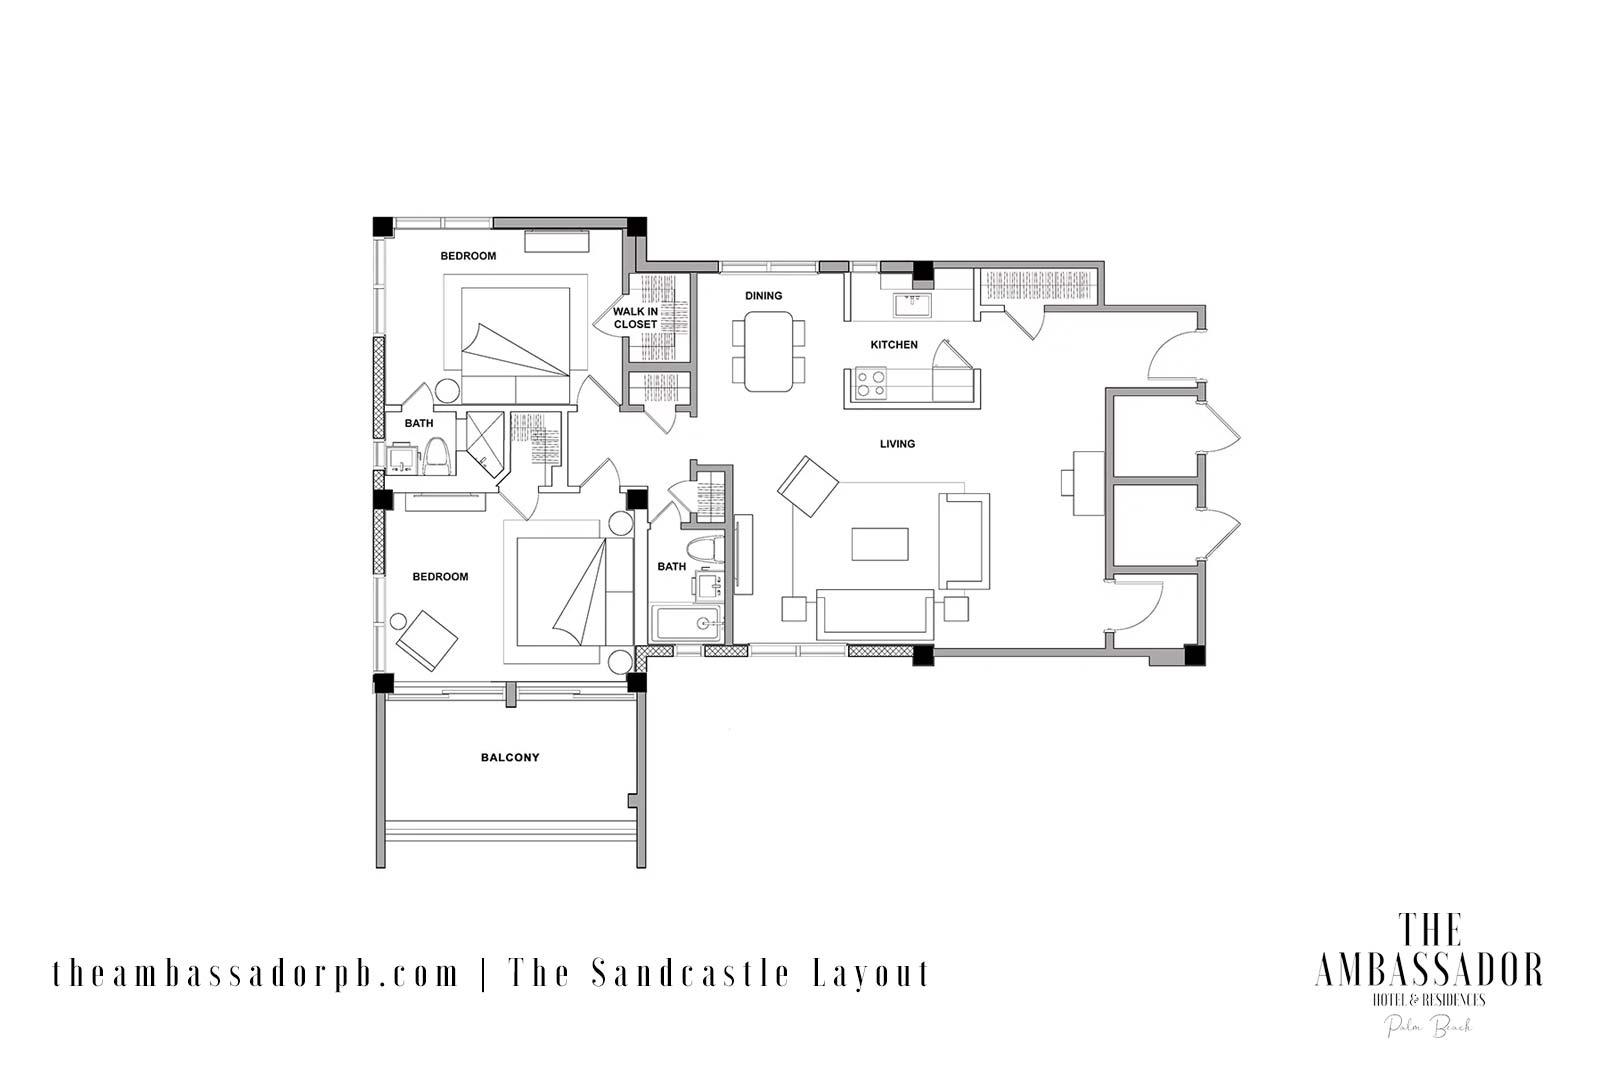 The Sandcastle Floorplan